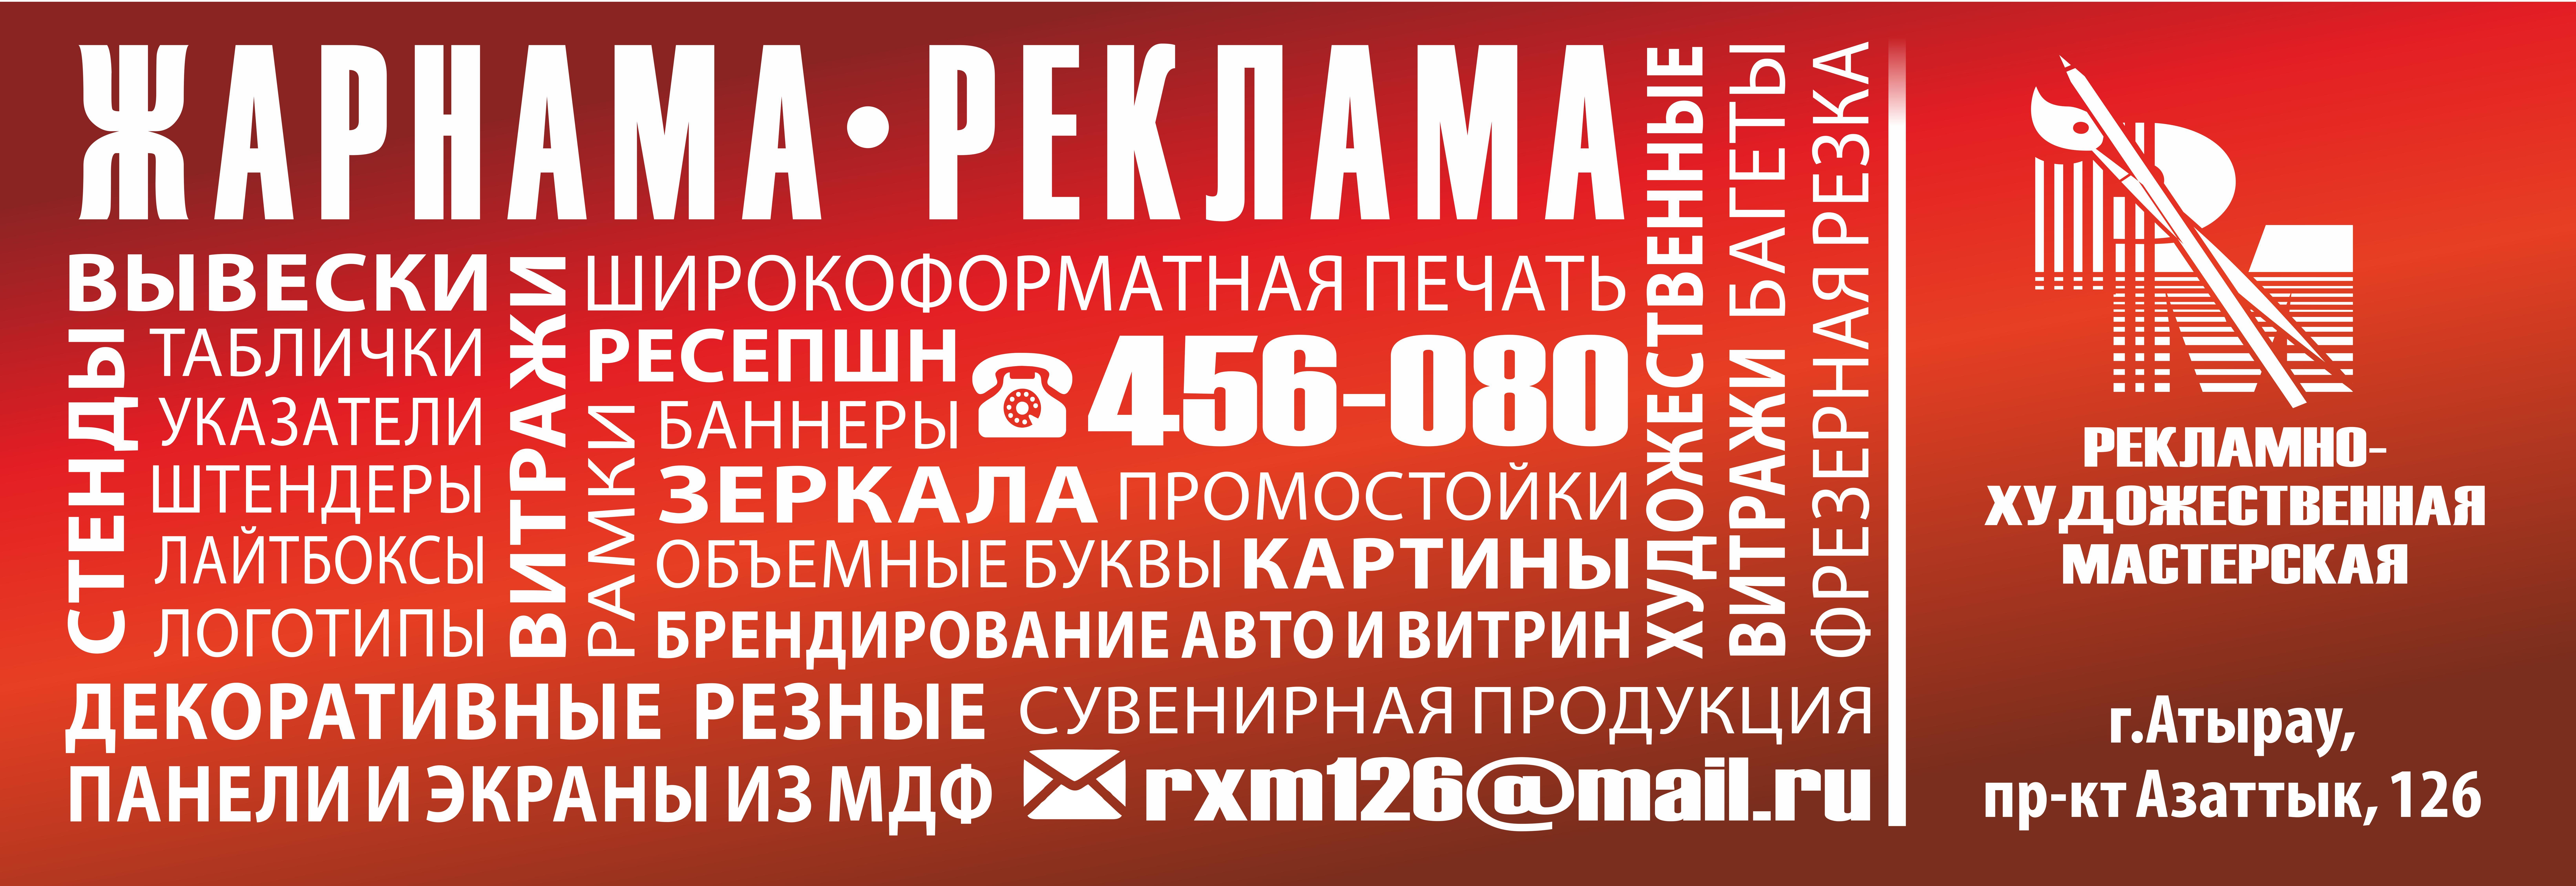 Рекламно-художественная мастерская ИП Ержанов Б. М.